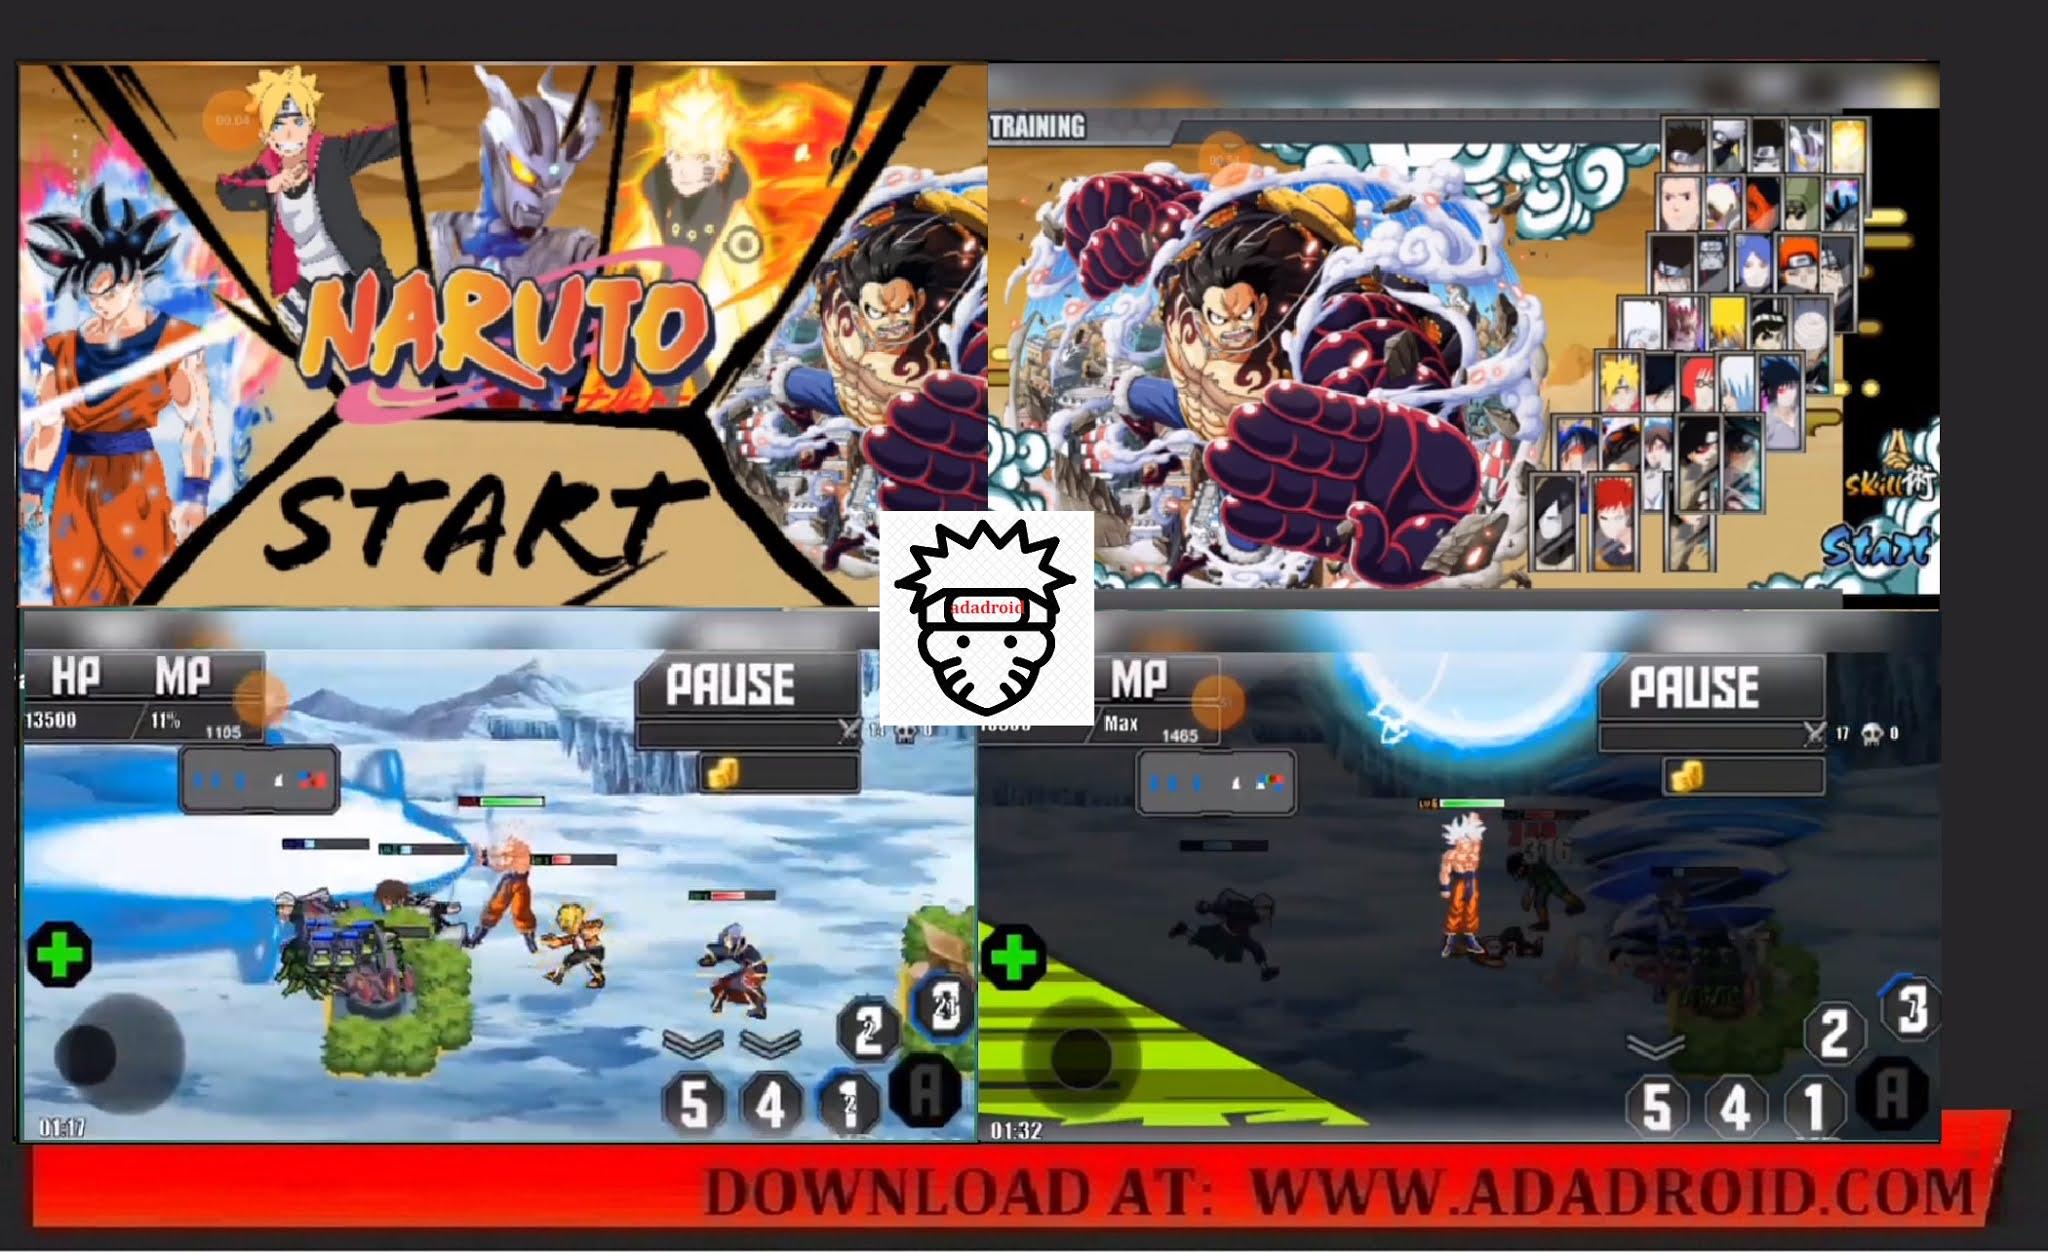 Naruto-Senki-Gigant-Battle-Mod-Apk